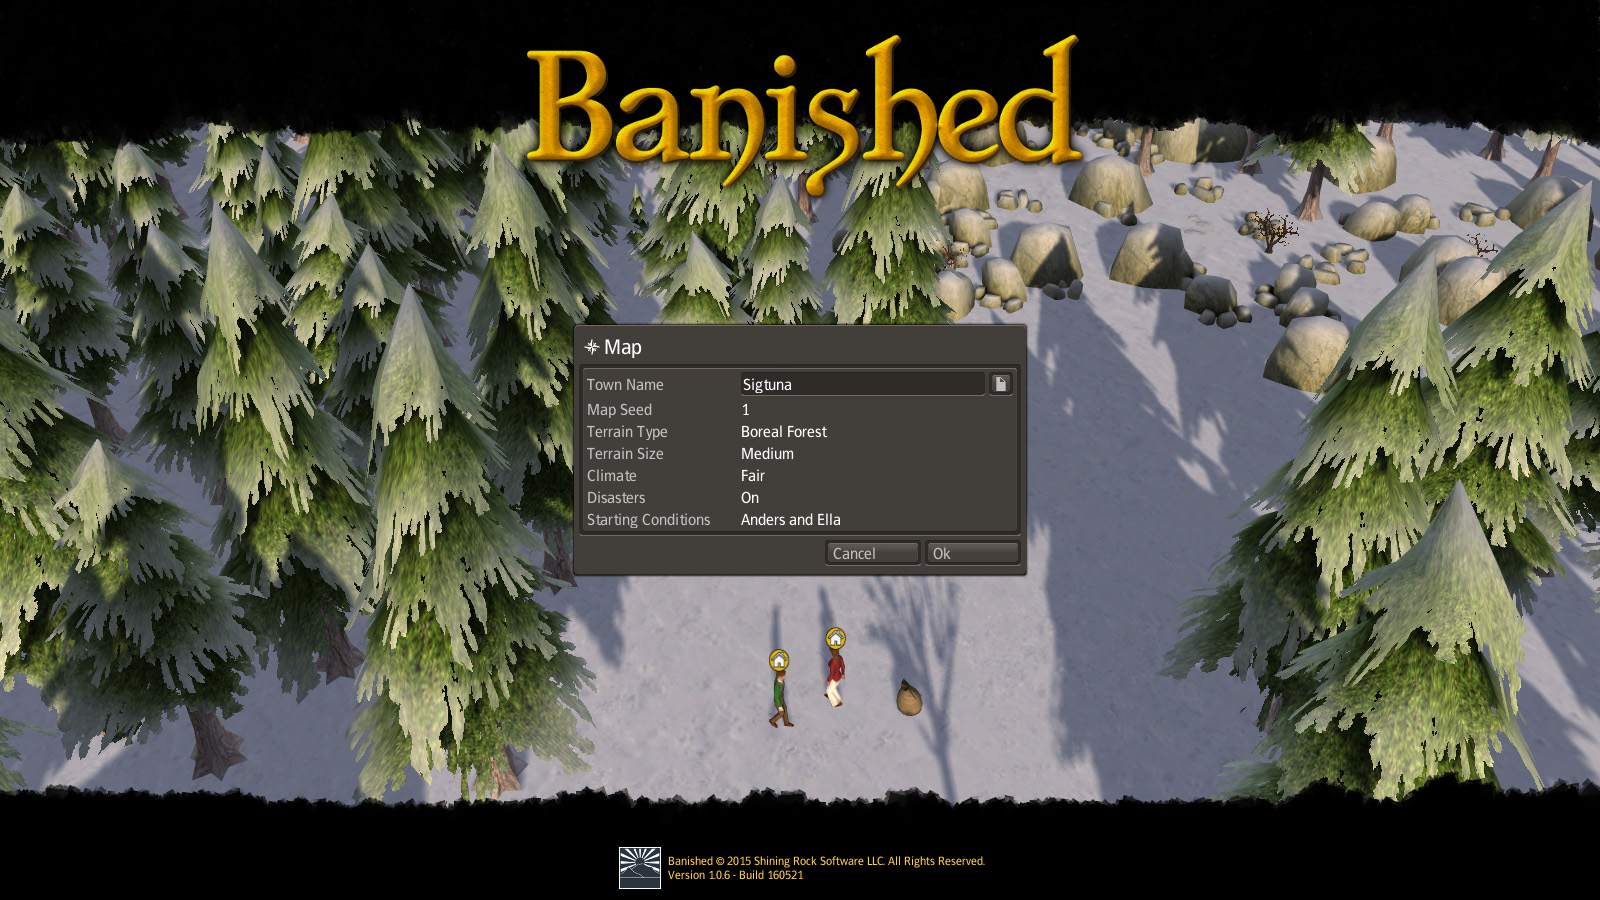 http://www.banishedventures.com/images/sigtuna/start.jpg